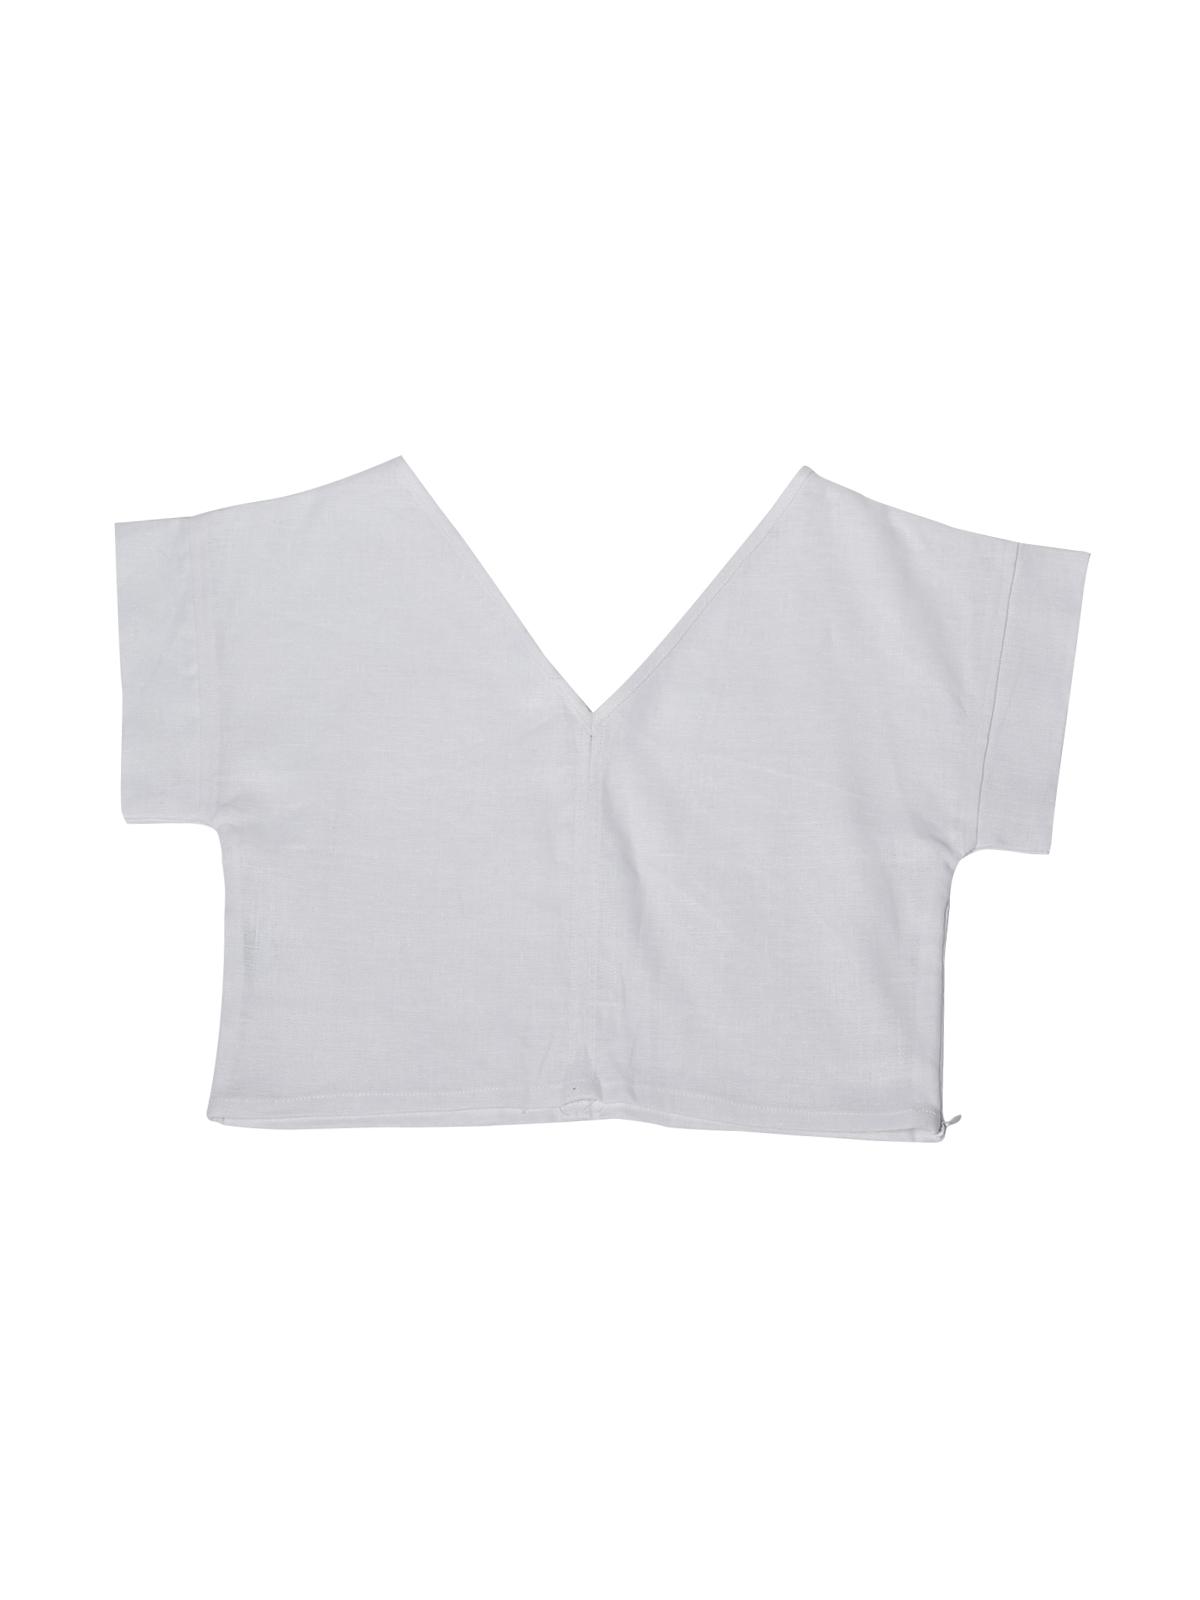 เสื้อผ้าผู้หญิง,เสื้อผู้หญิง,เสื้อครอป,เสื้อครอปแขนสั้น,เสื้อแขนสั้น